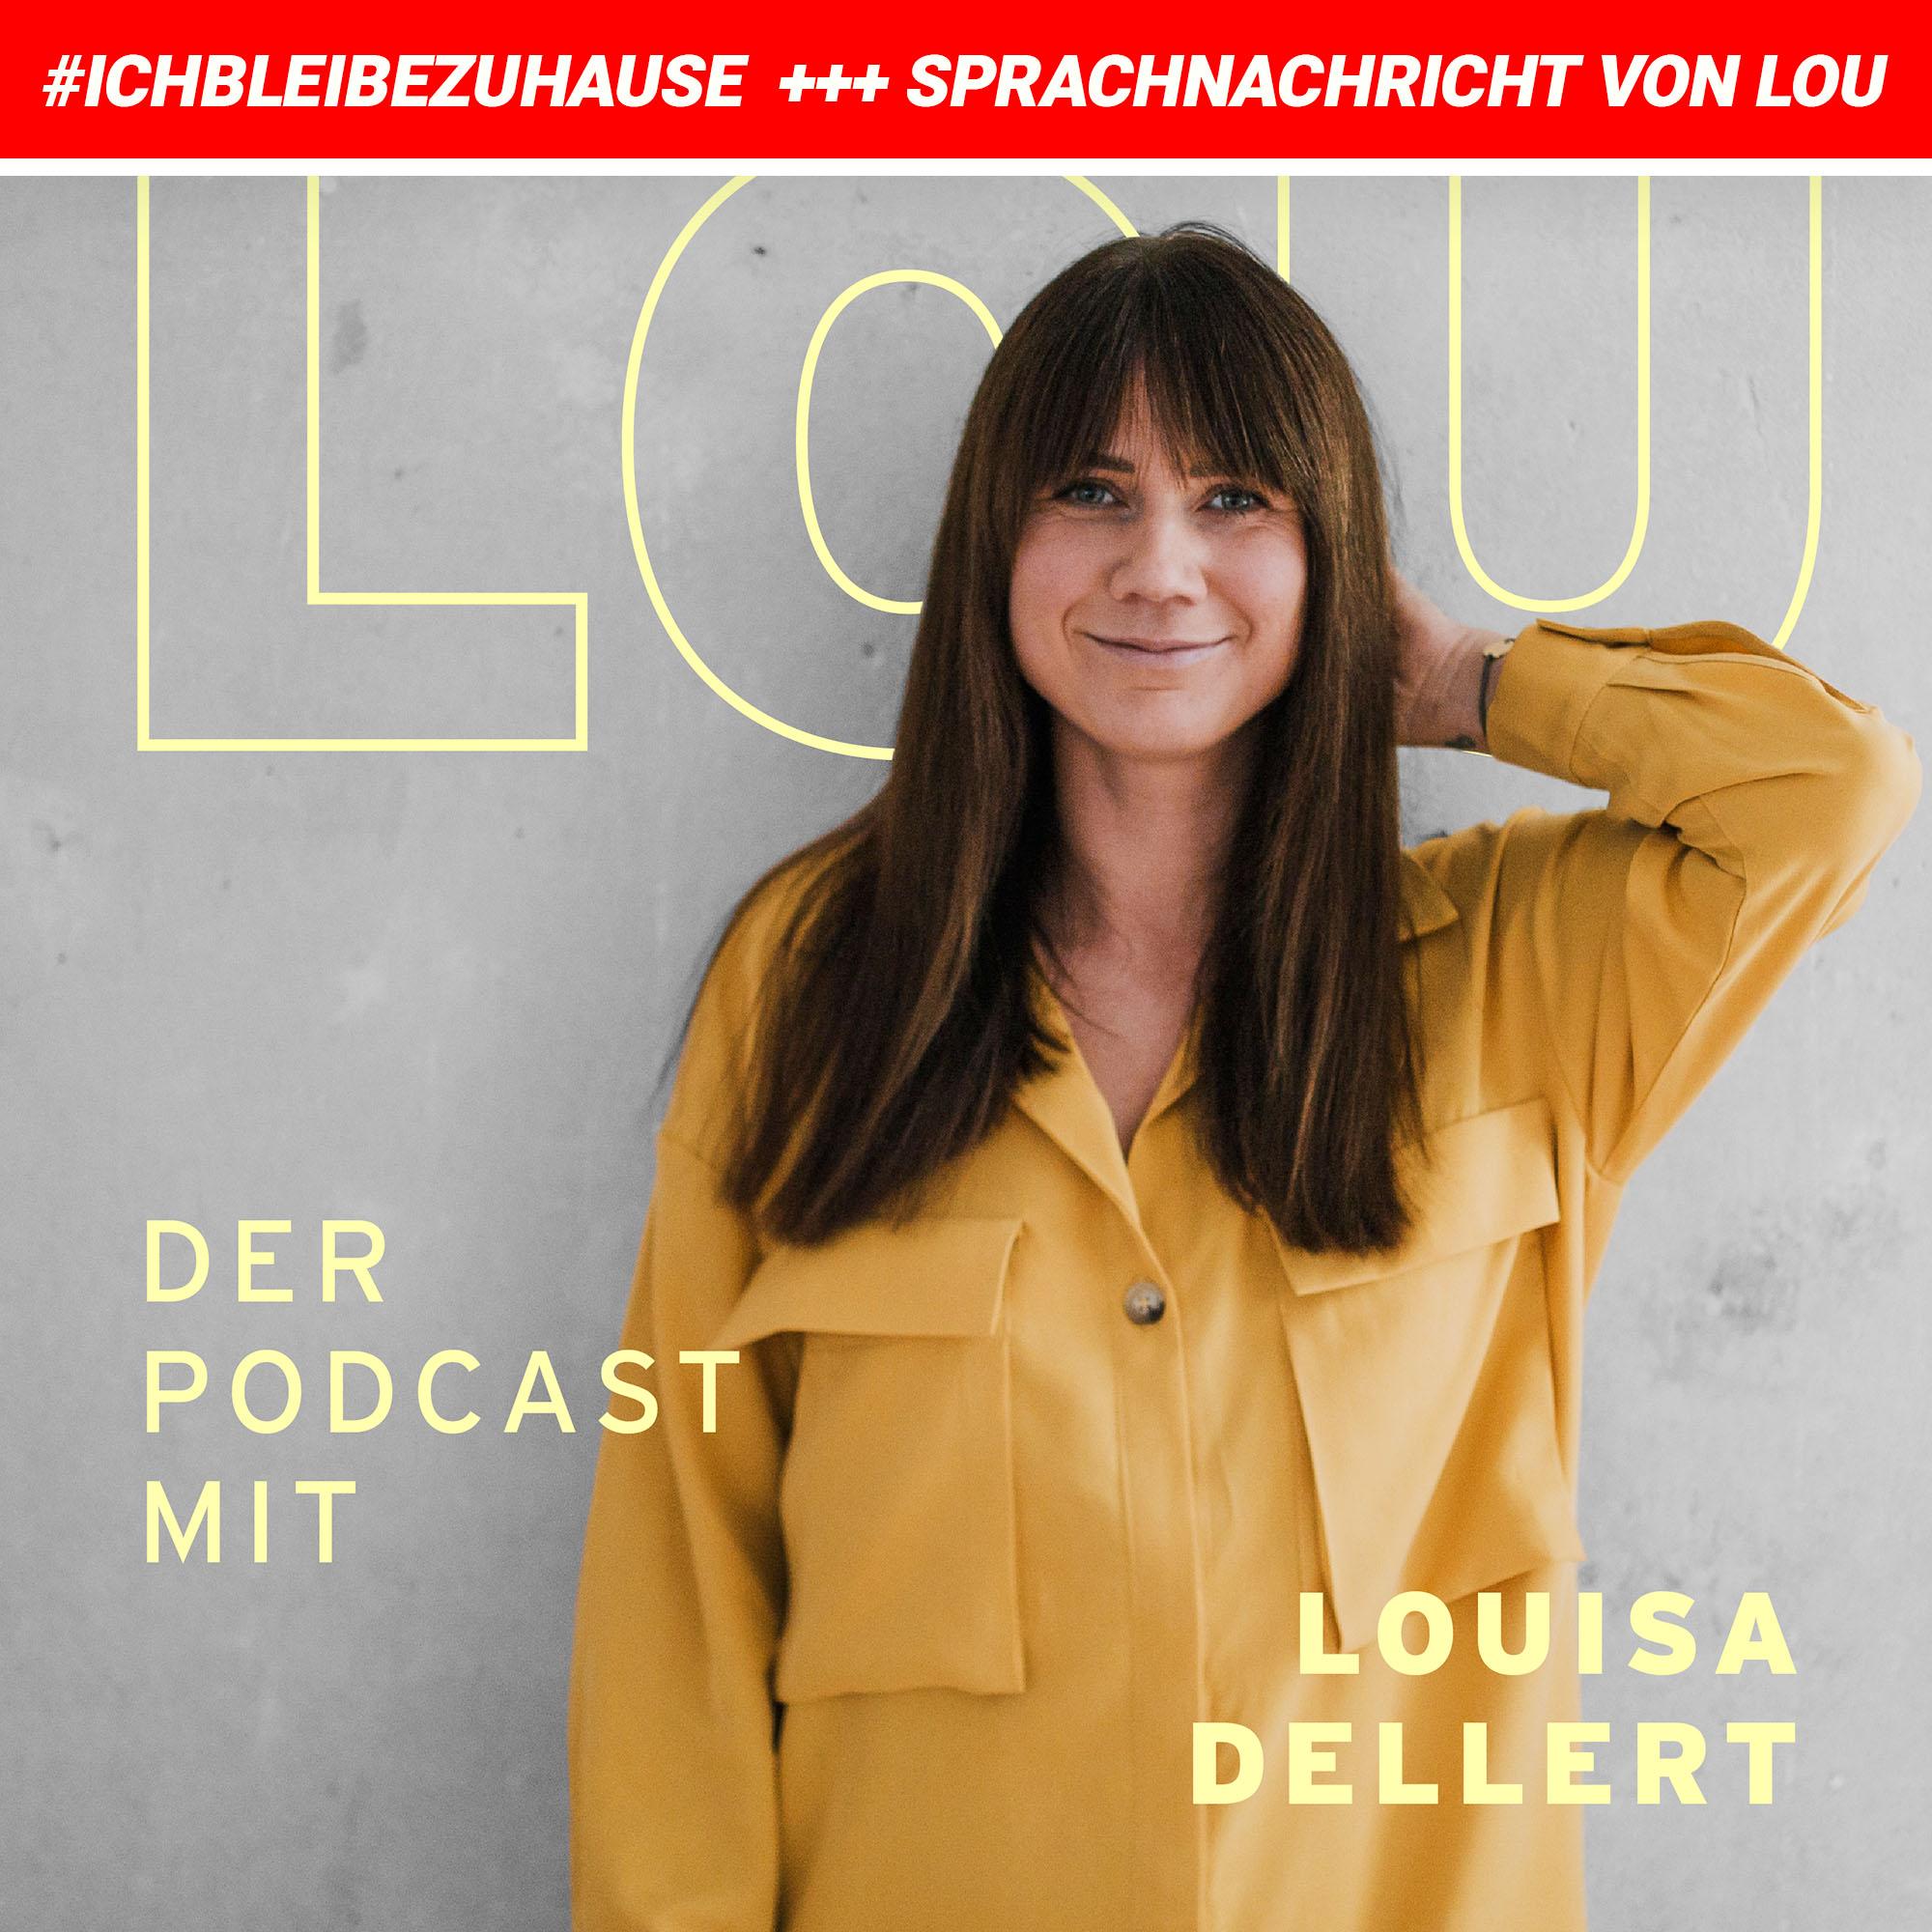 #ichbleibezuhause - Sprachnachricht von Lou Vol. 10